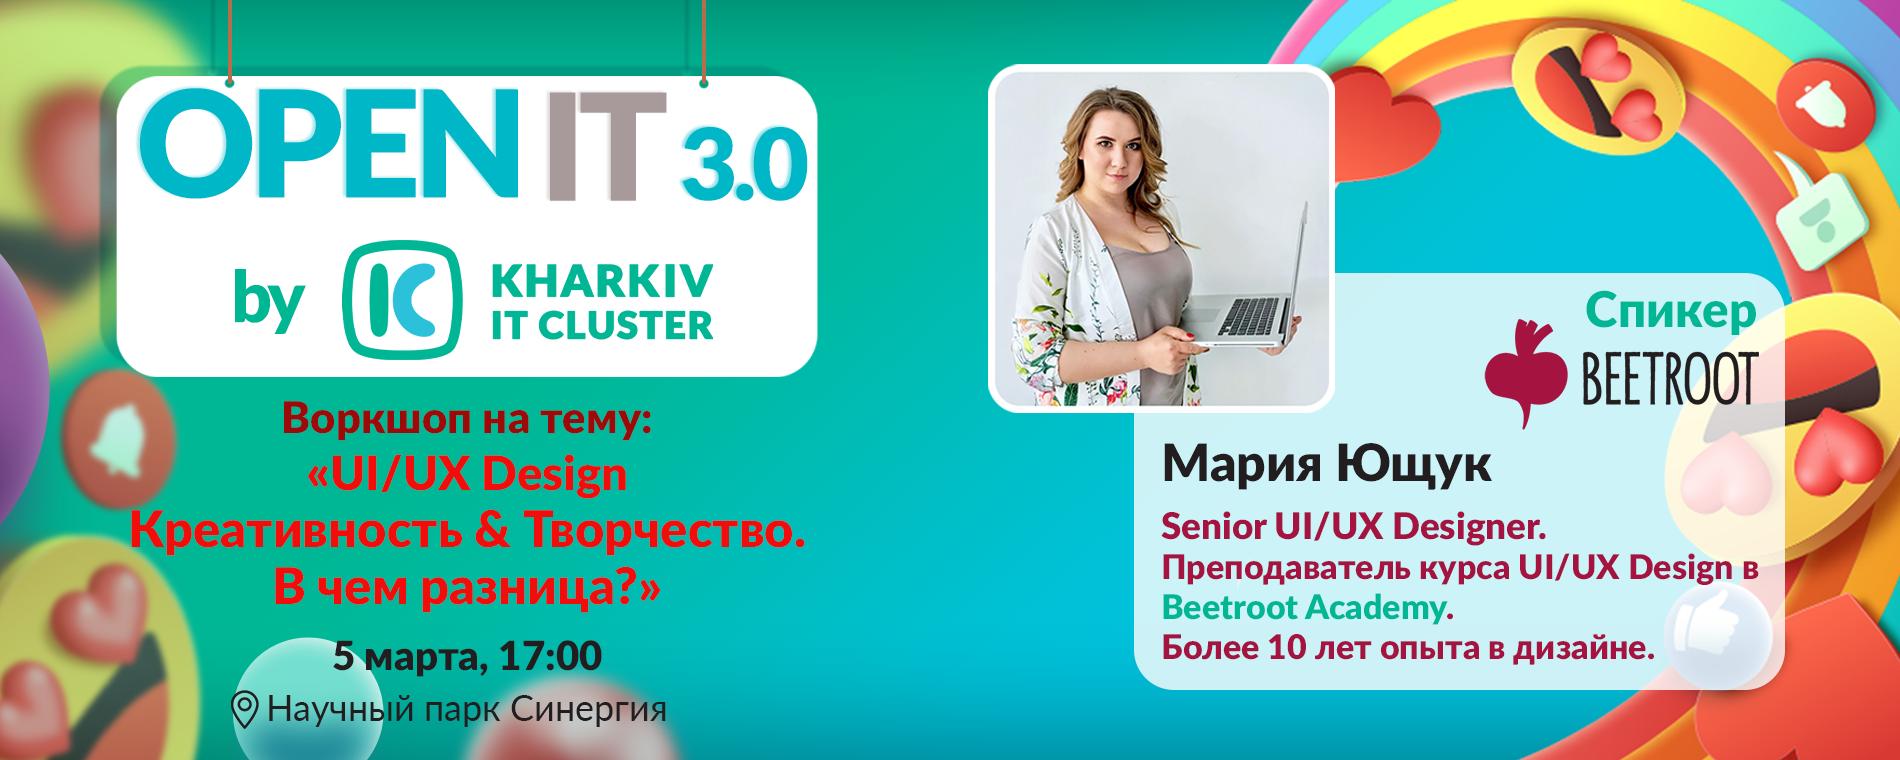 Web design UX\UI Воркшоп Beetroot